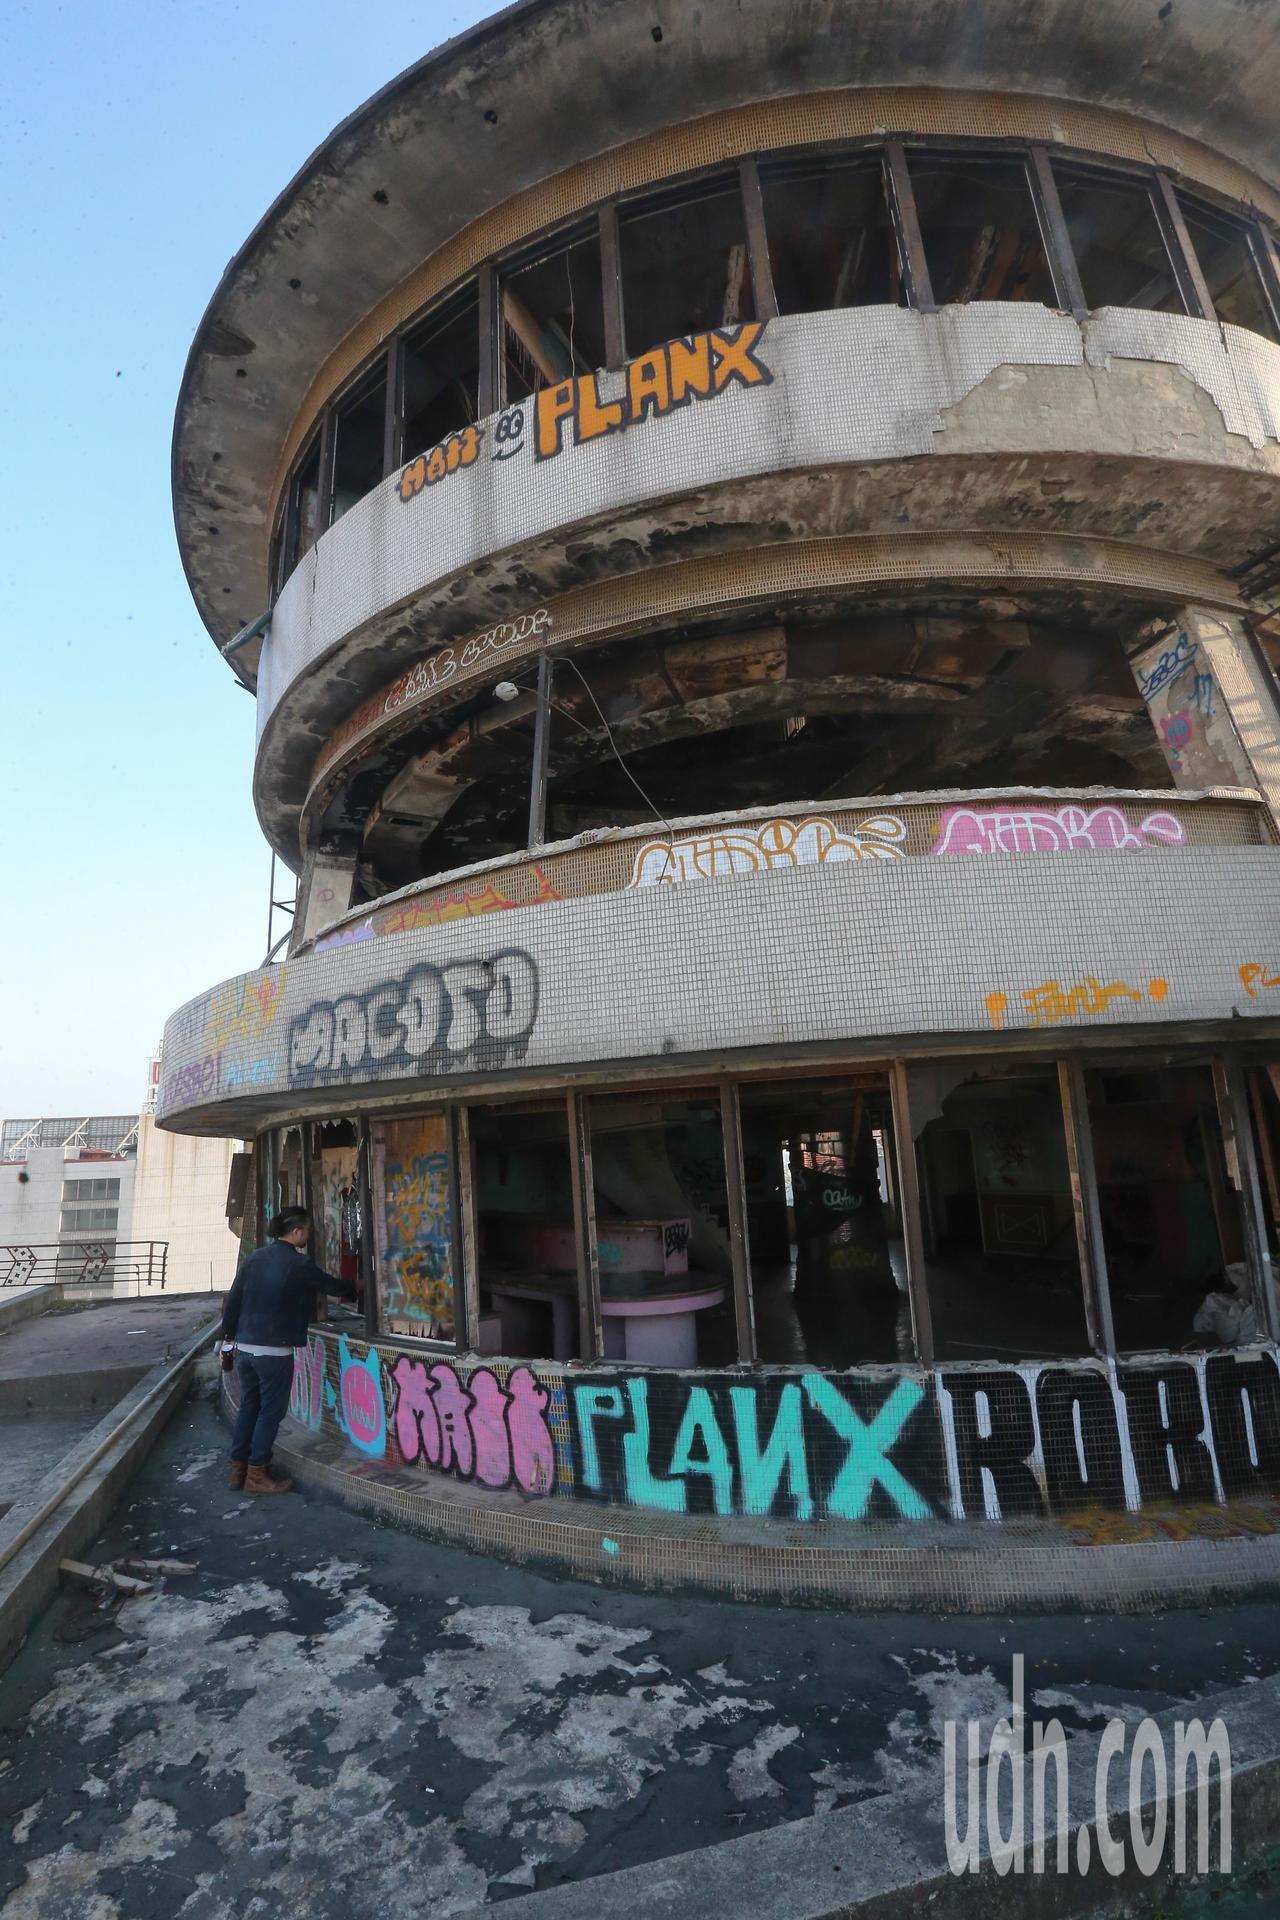 千越大樓頂層的飛碟屋藝術創作是年輕人爭睹之處。記者黃仲裕/攝影